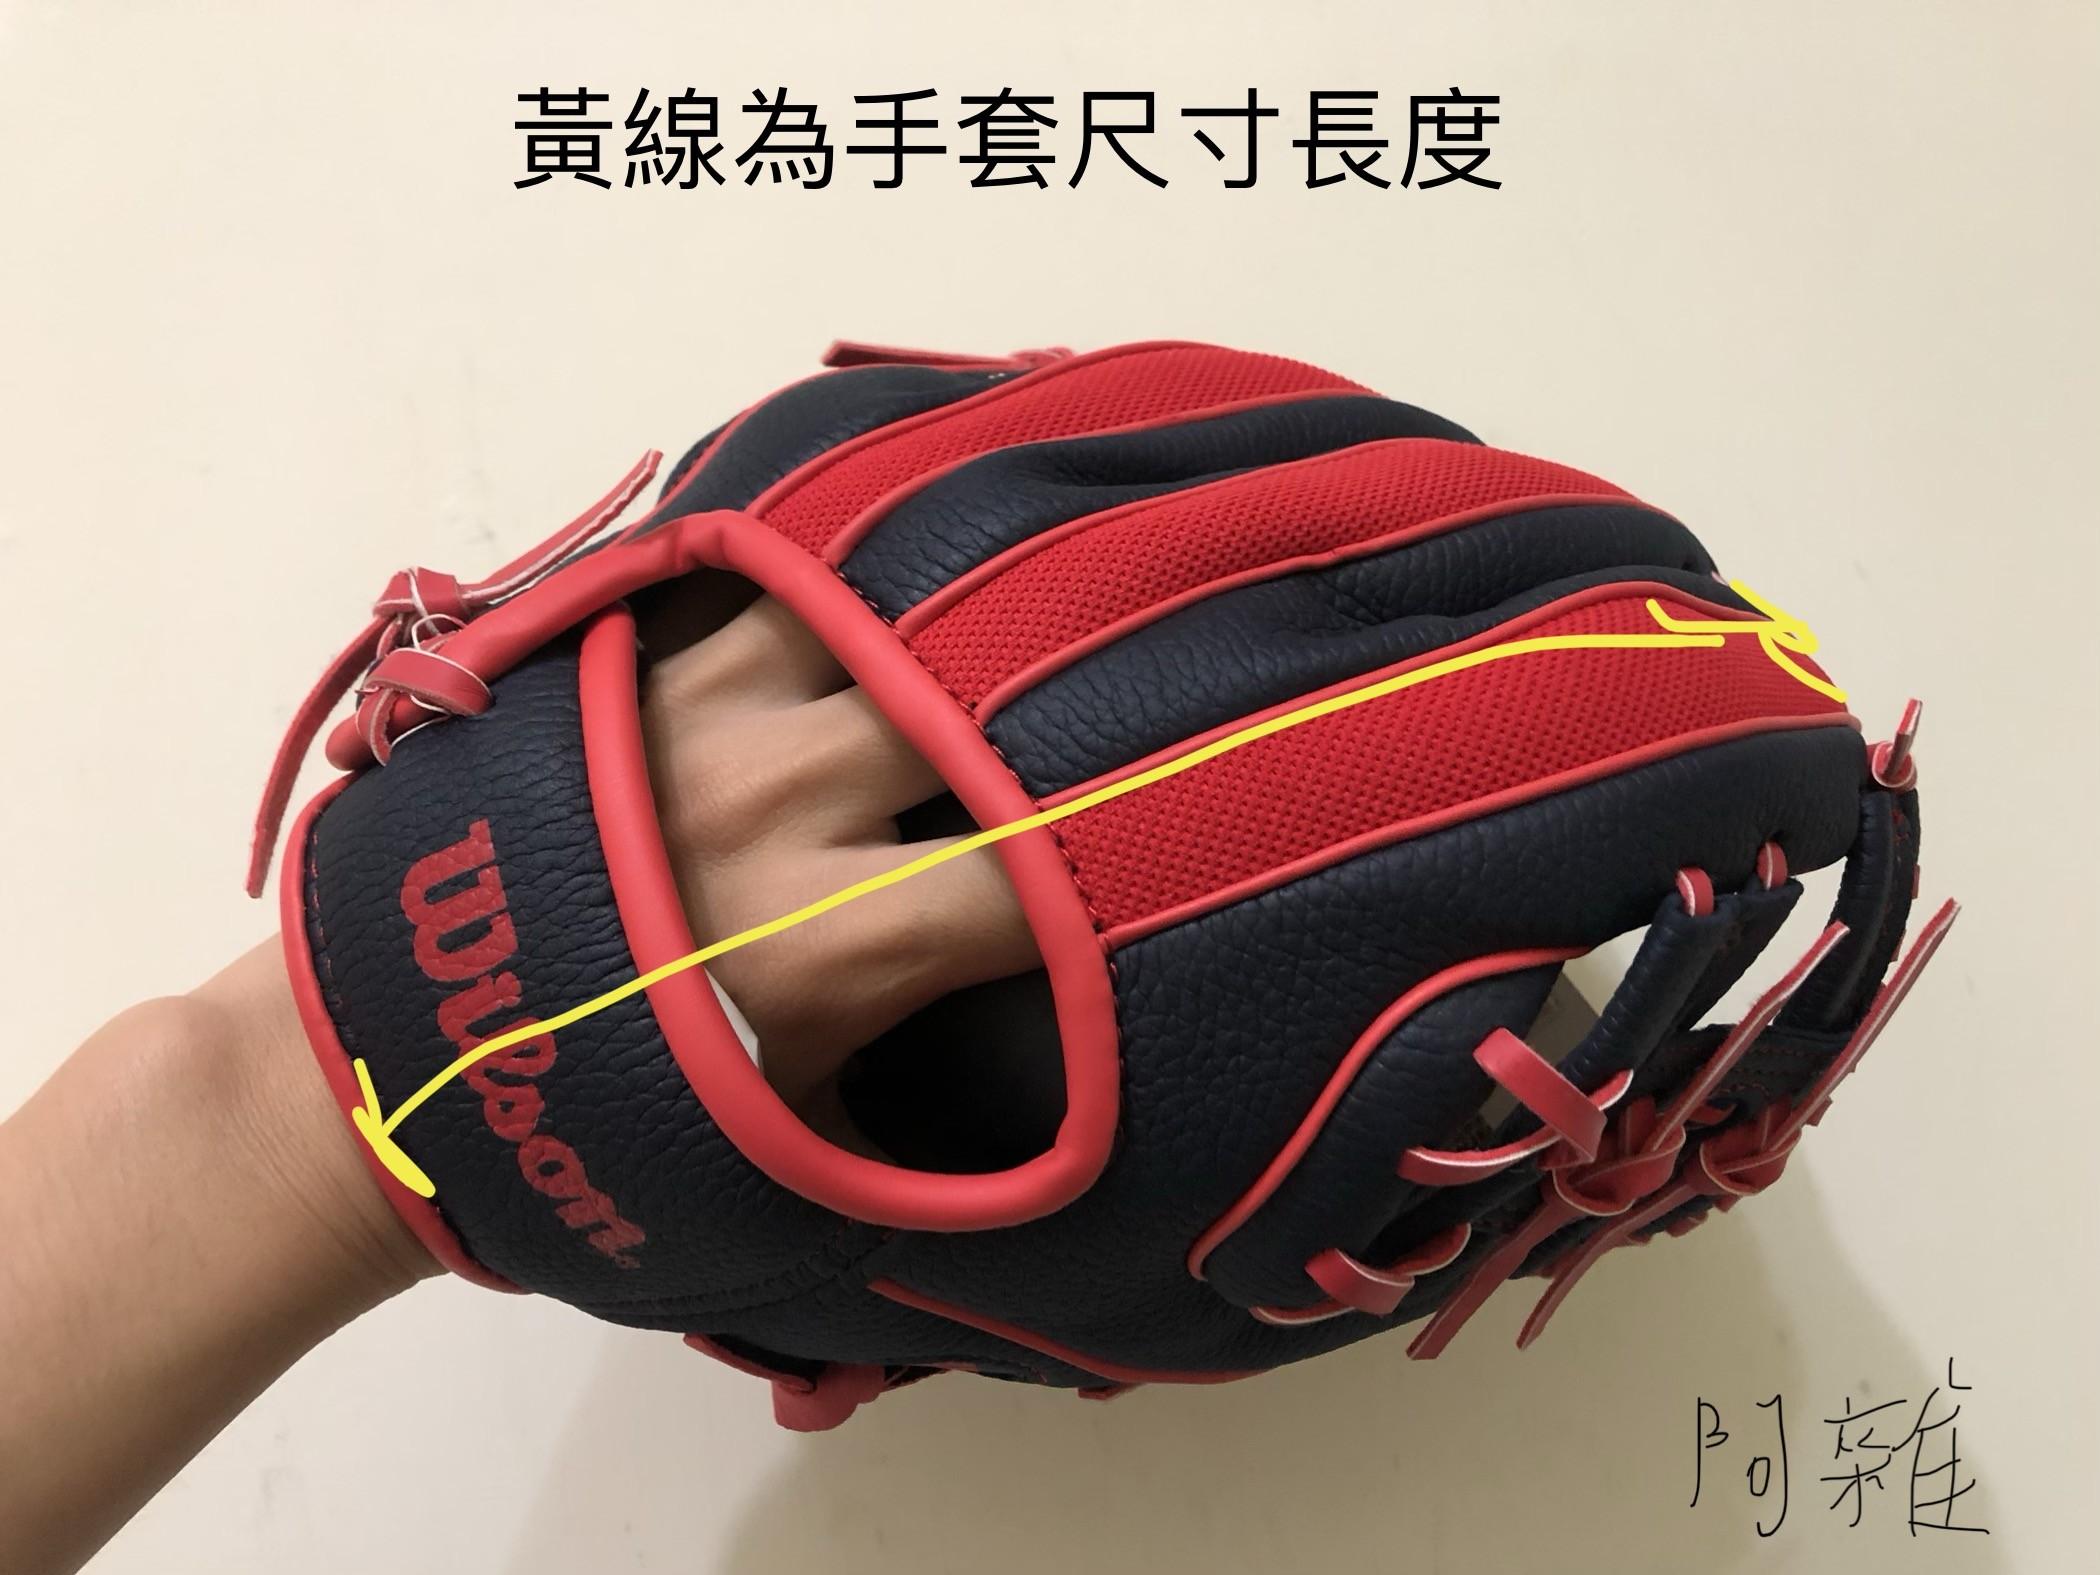 ▲▼棒球手套。(圖/大檸檬外稿作者阿雜提供)